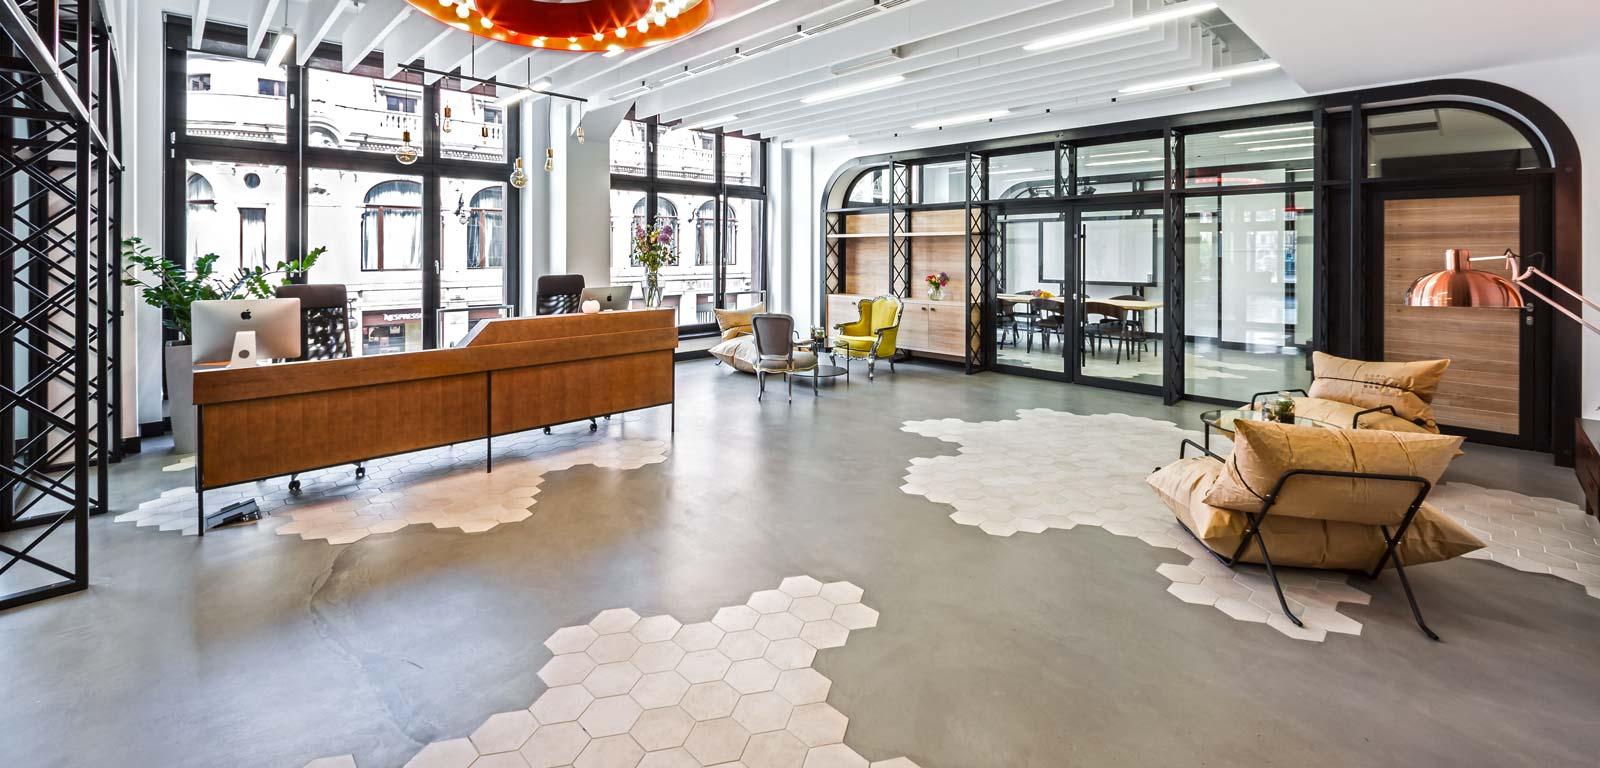 Design industriale cementine esagonali rewind ragno for Ufficio design industriale